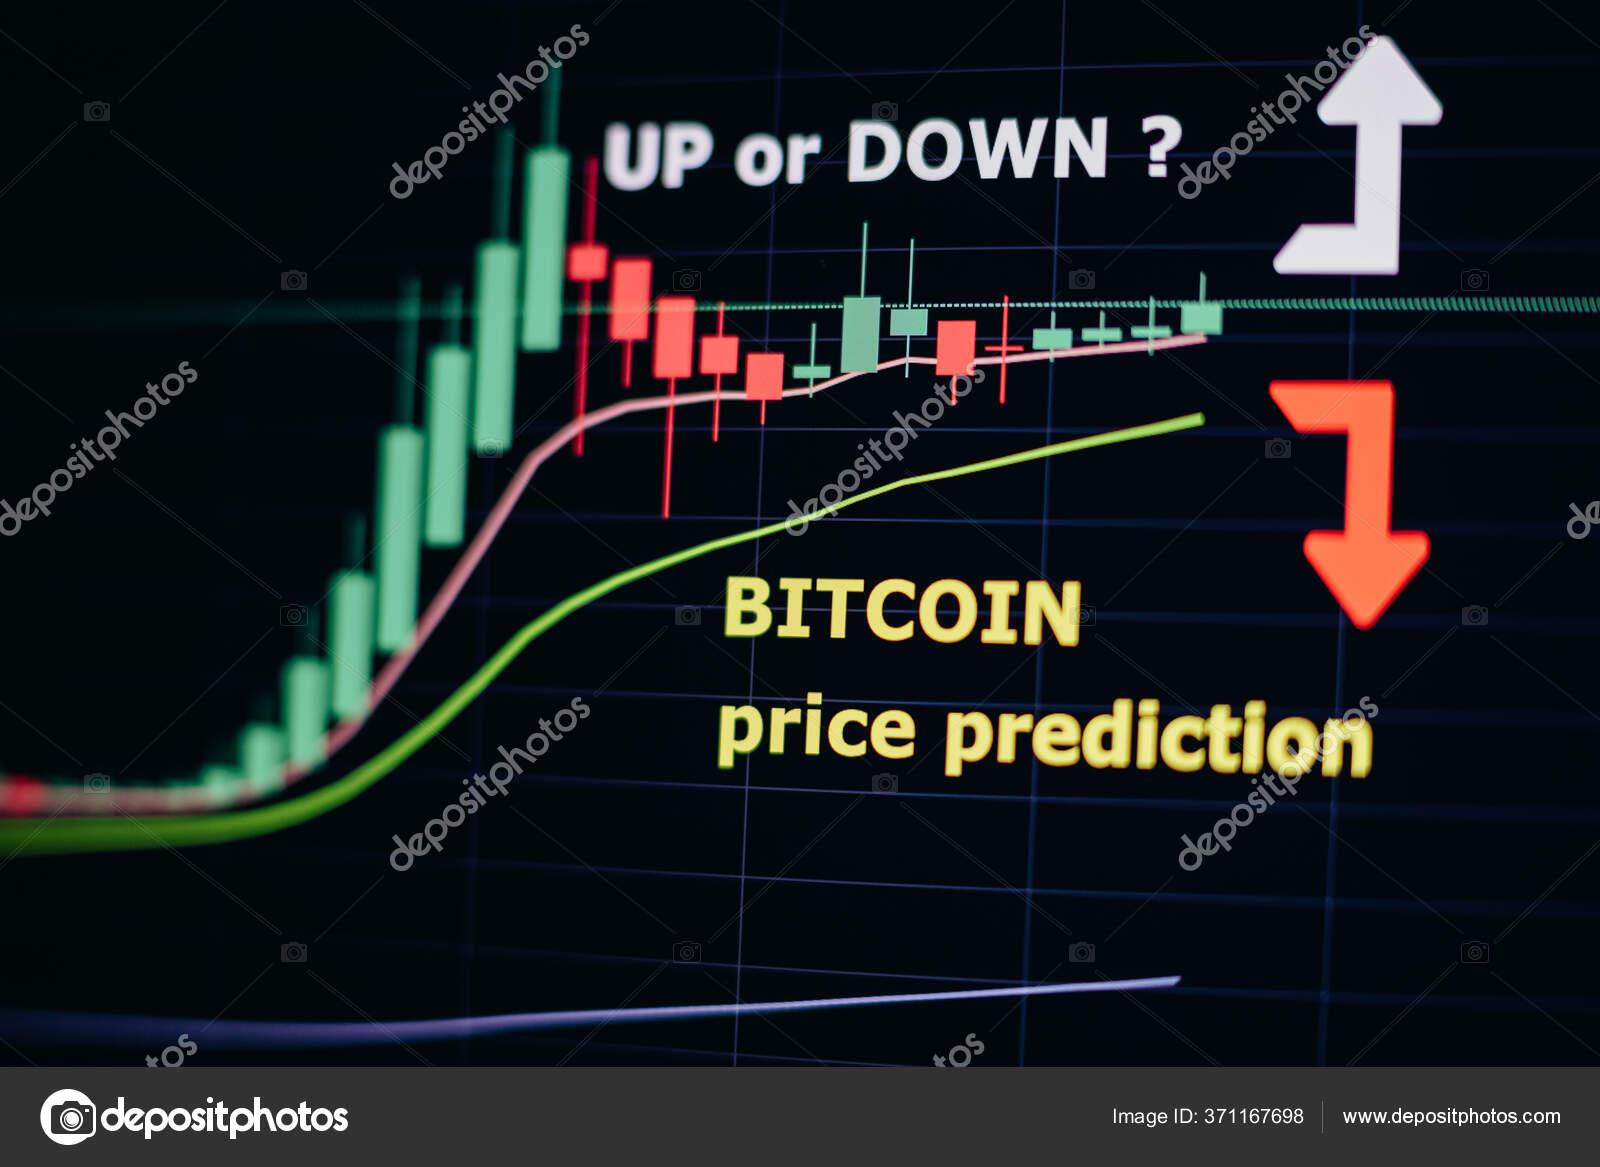 analisi delle tendenza dei prezzi bitcoin